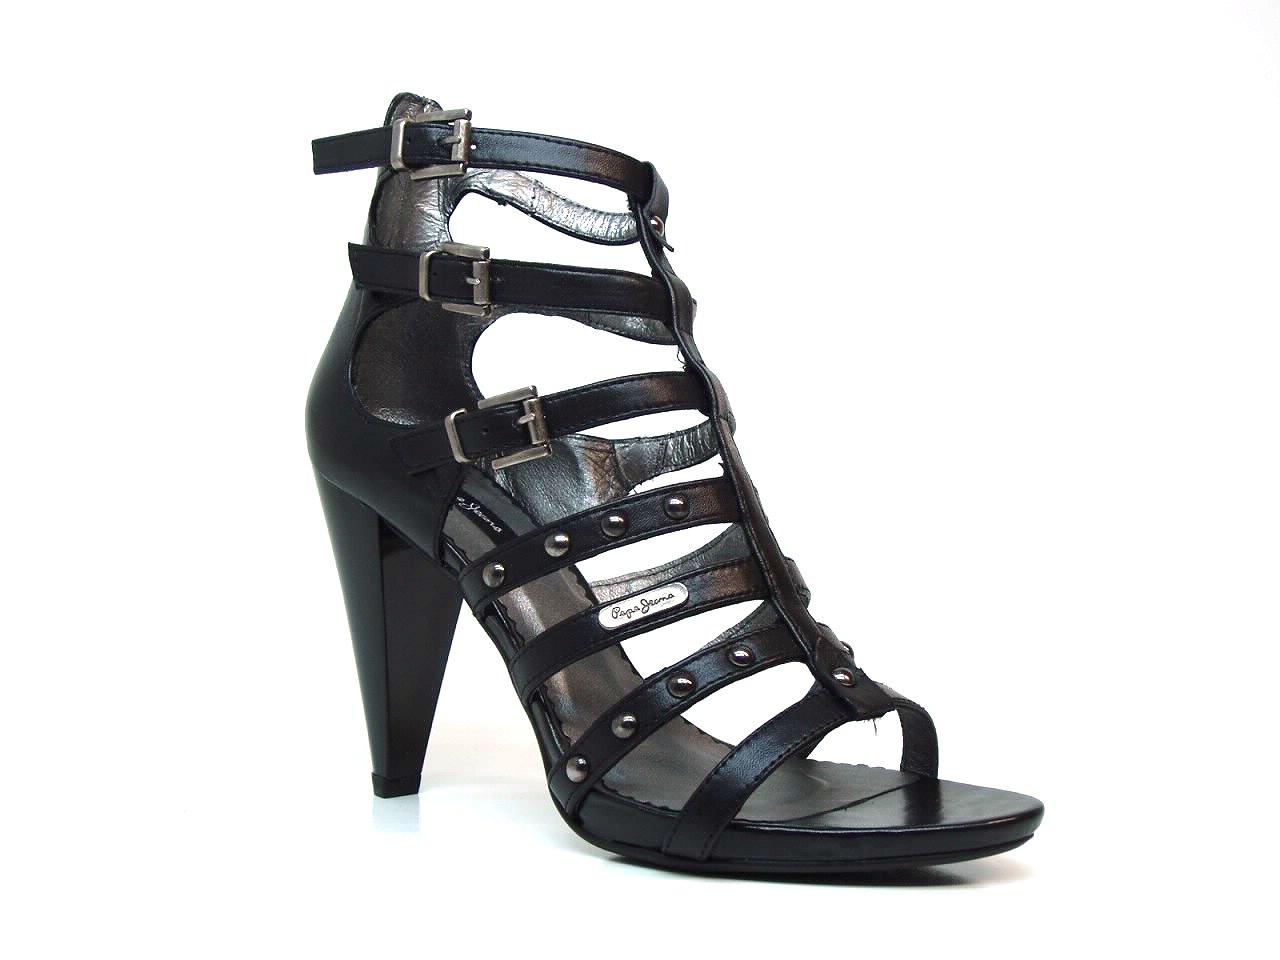 Sandálias de Salto Pepe Jeans - 396BL120